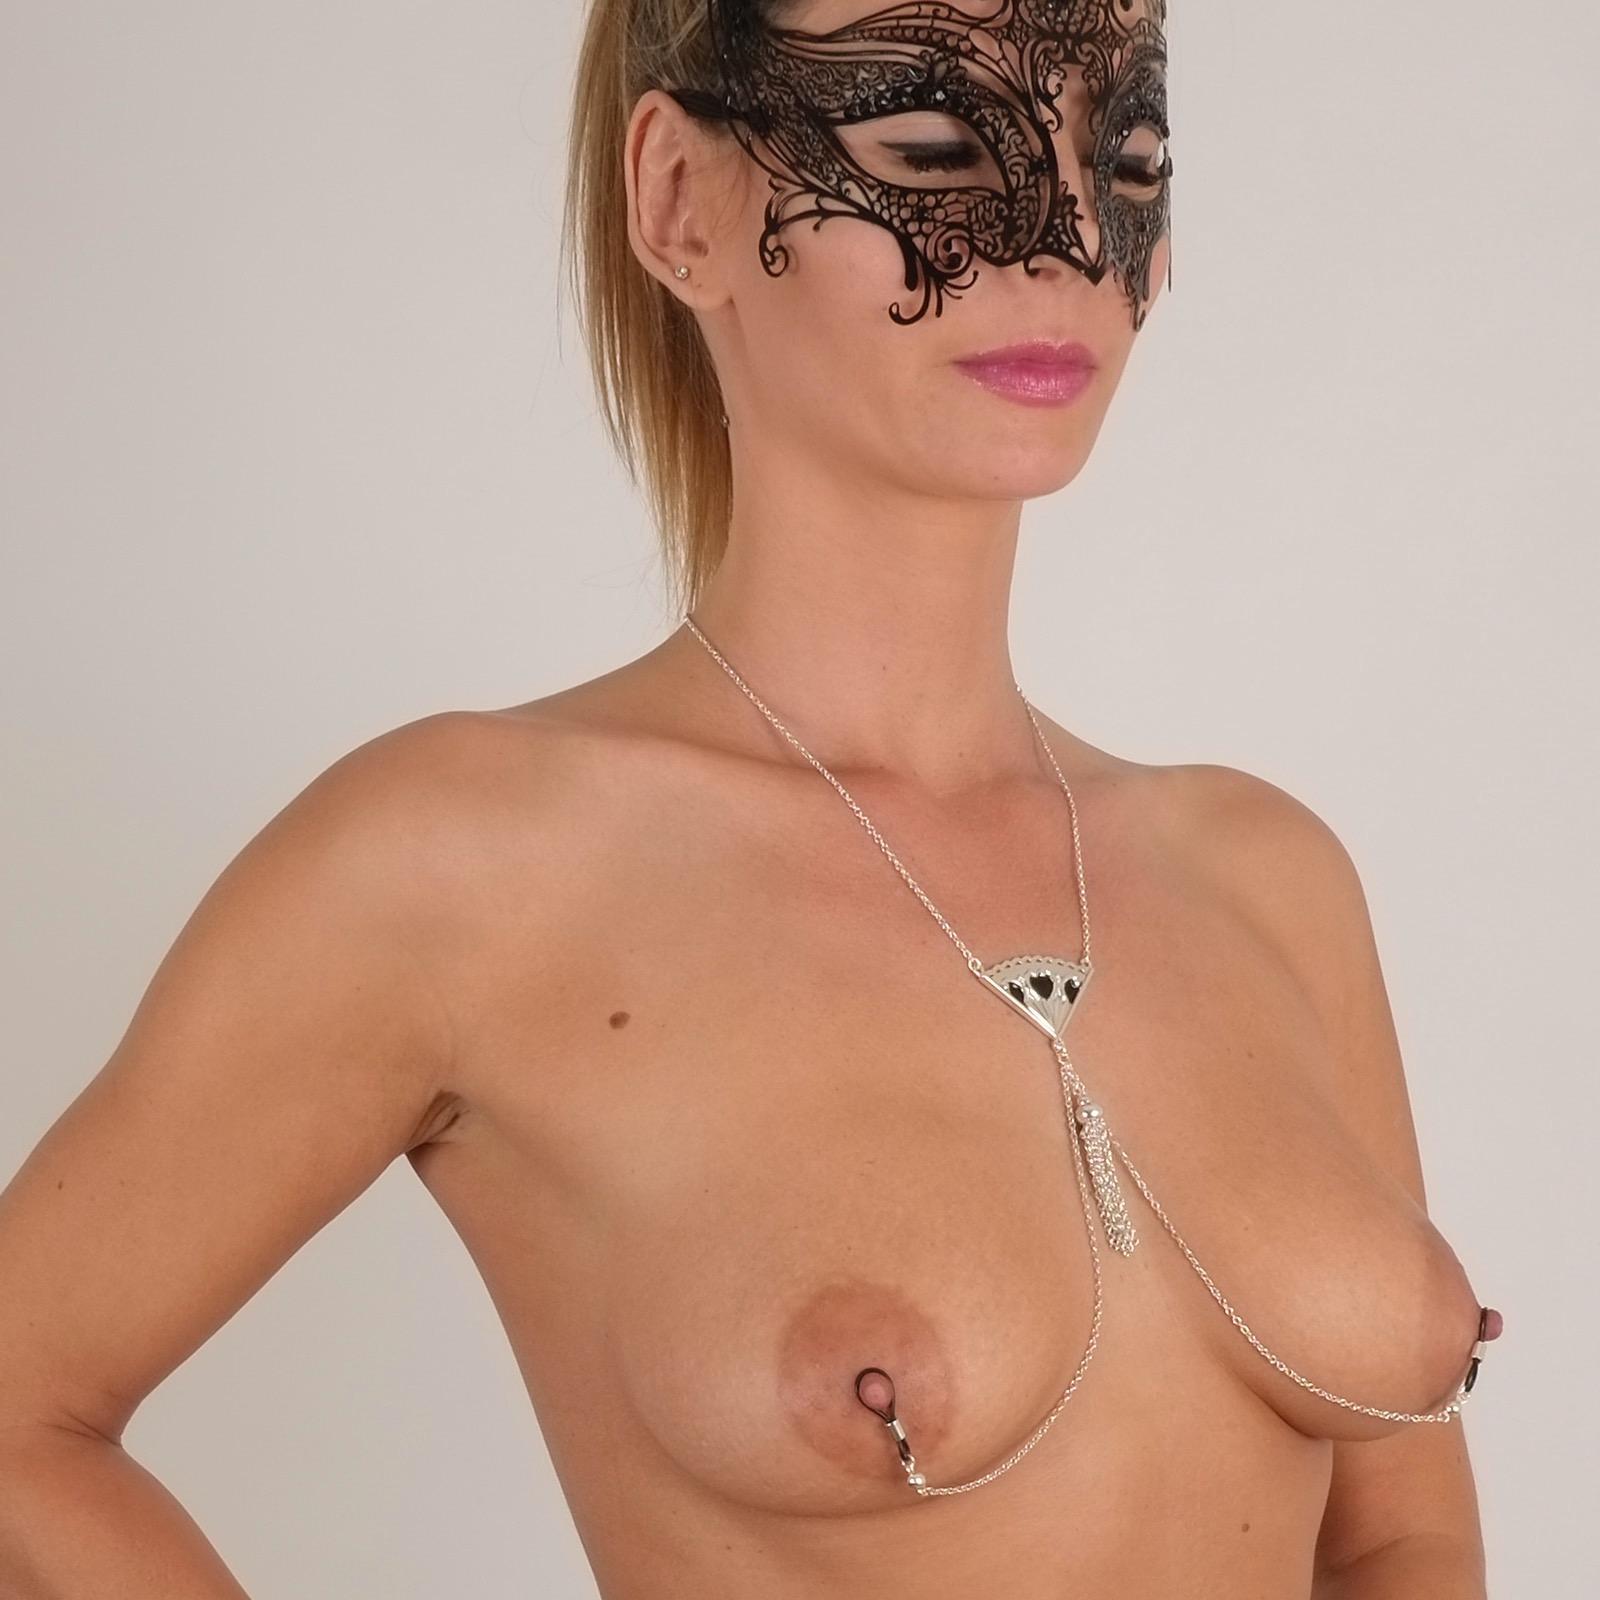 parure-sexy-mamelon-collier-bijou-eventail-noir